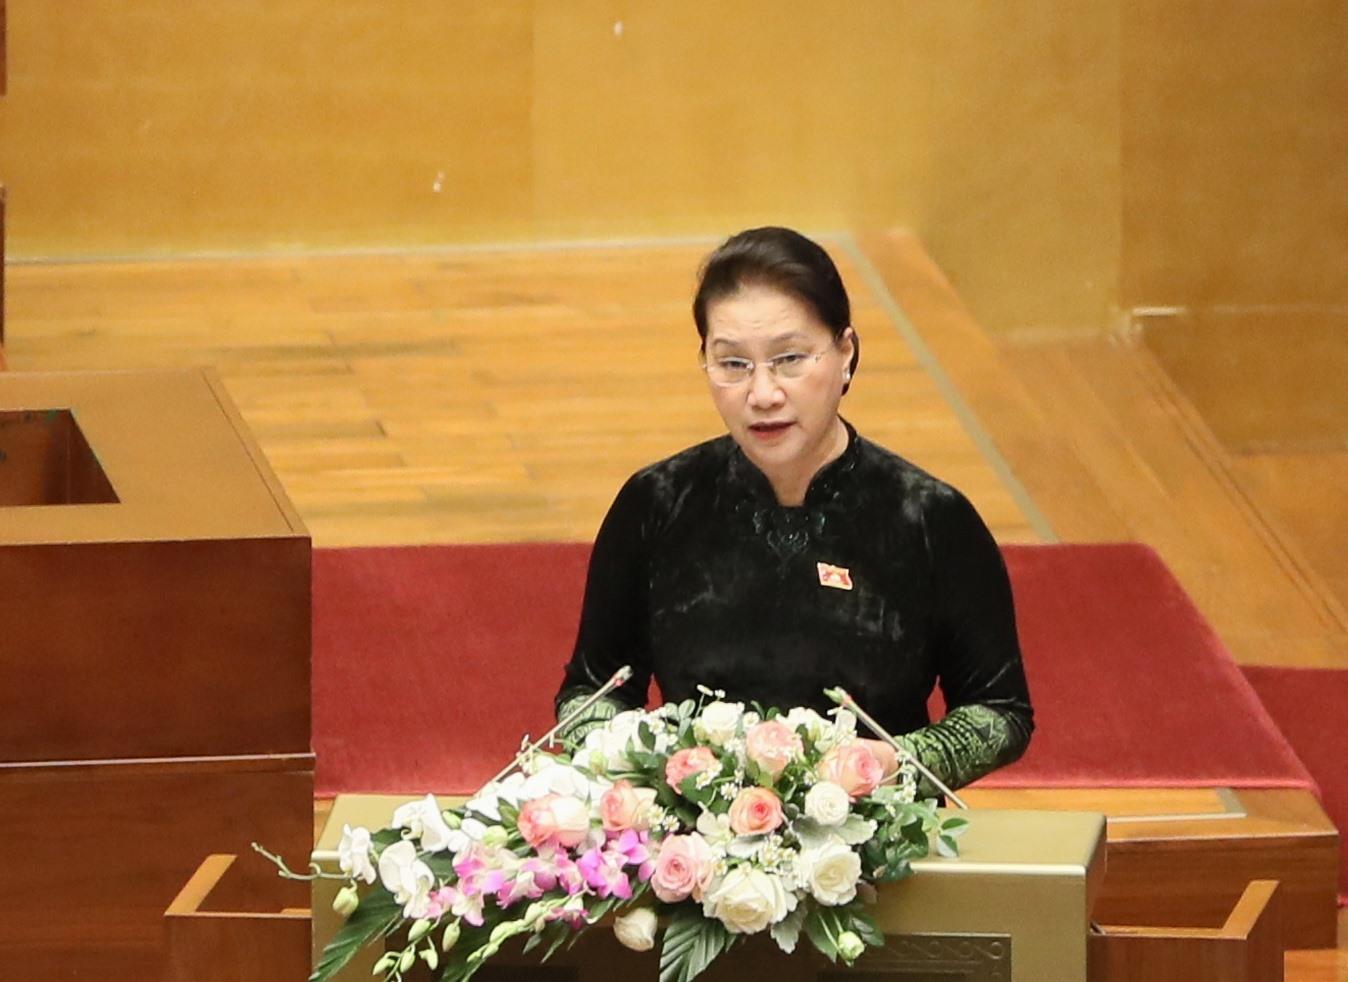 Chủ tịch Quốc hội Nguyễn Thị Kim Ngân. Ảnh: VG/Nhật Bắc